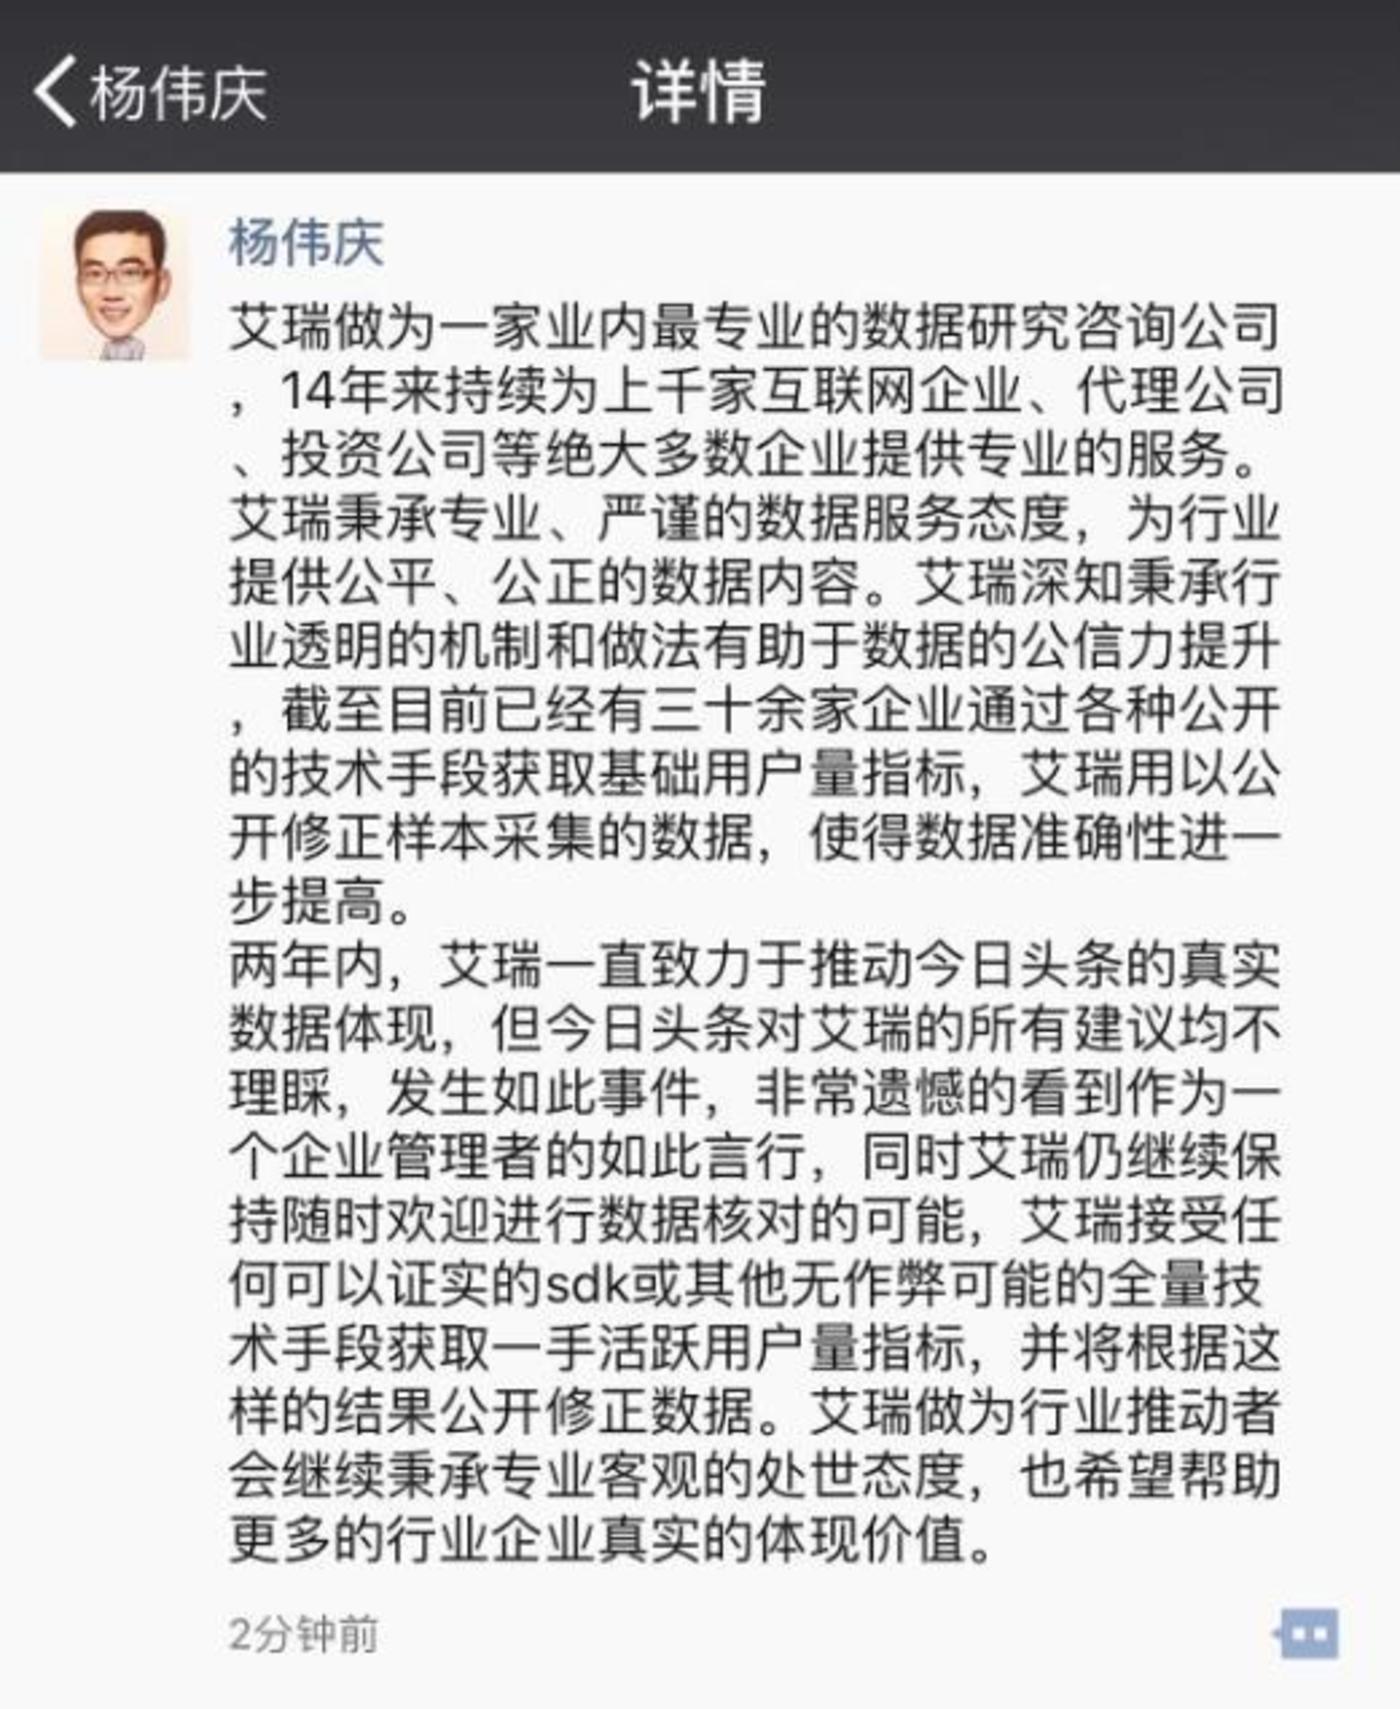 艾瑞总裁杨伟庆朋友圈截图。